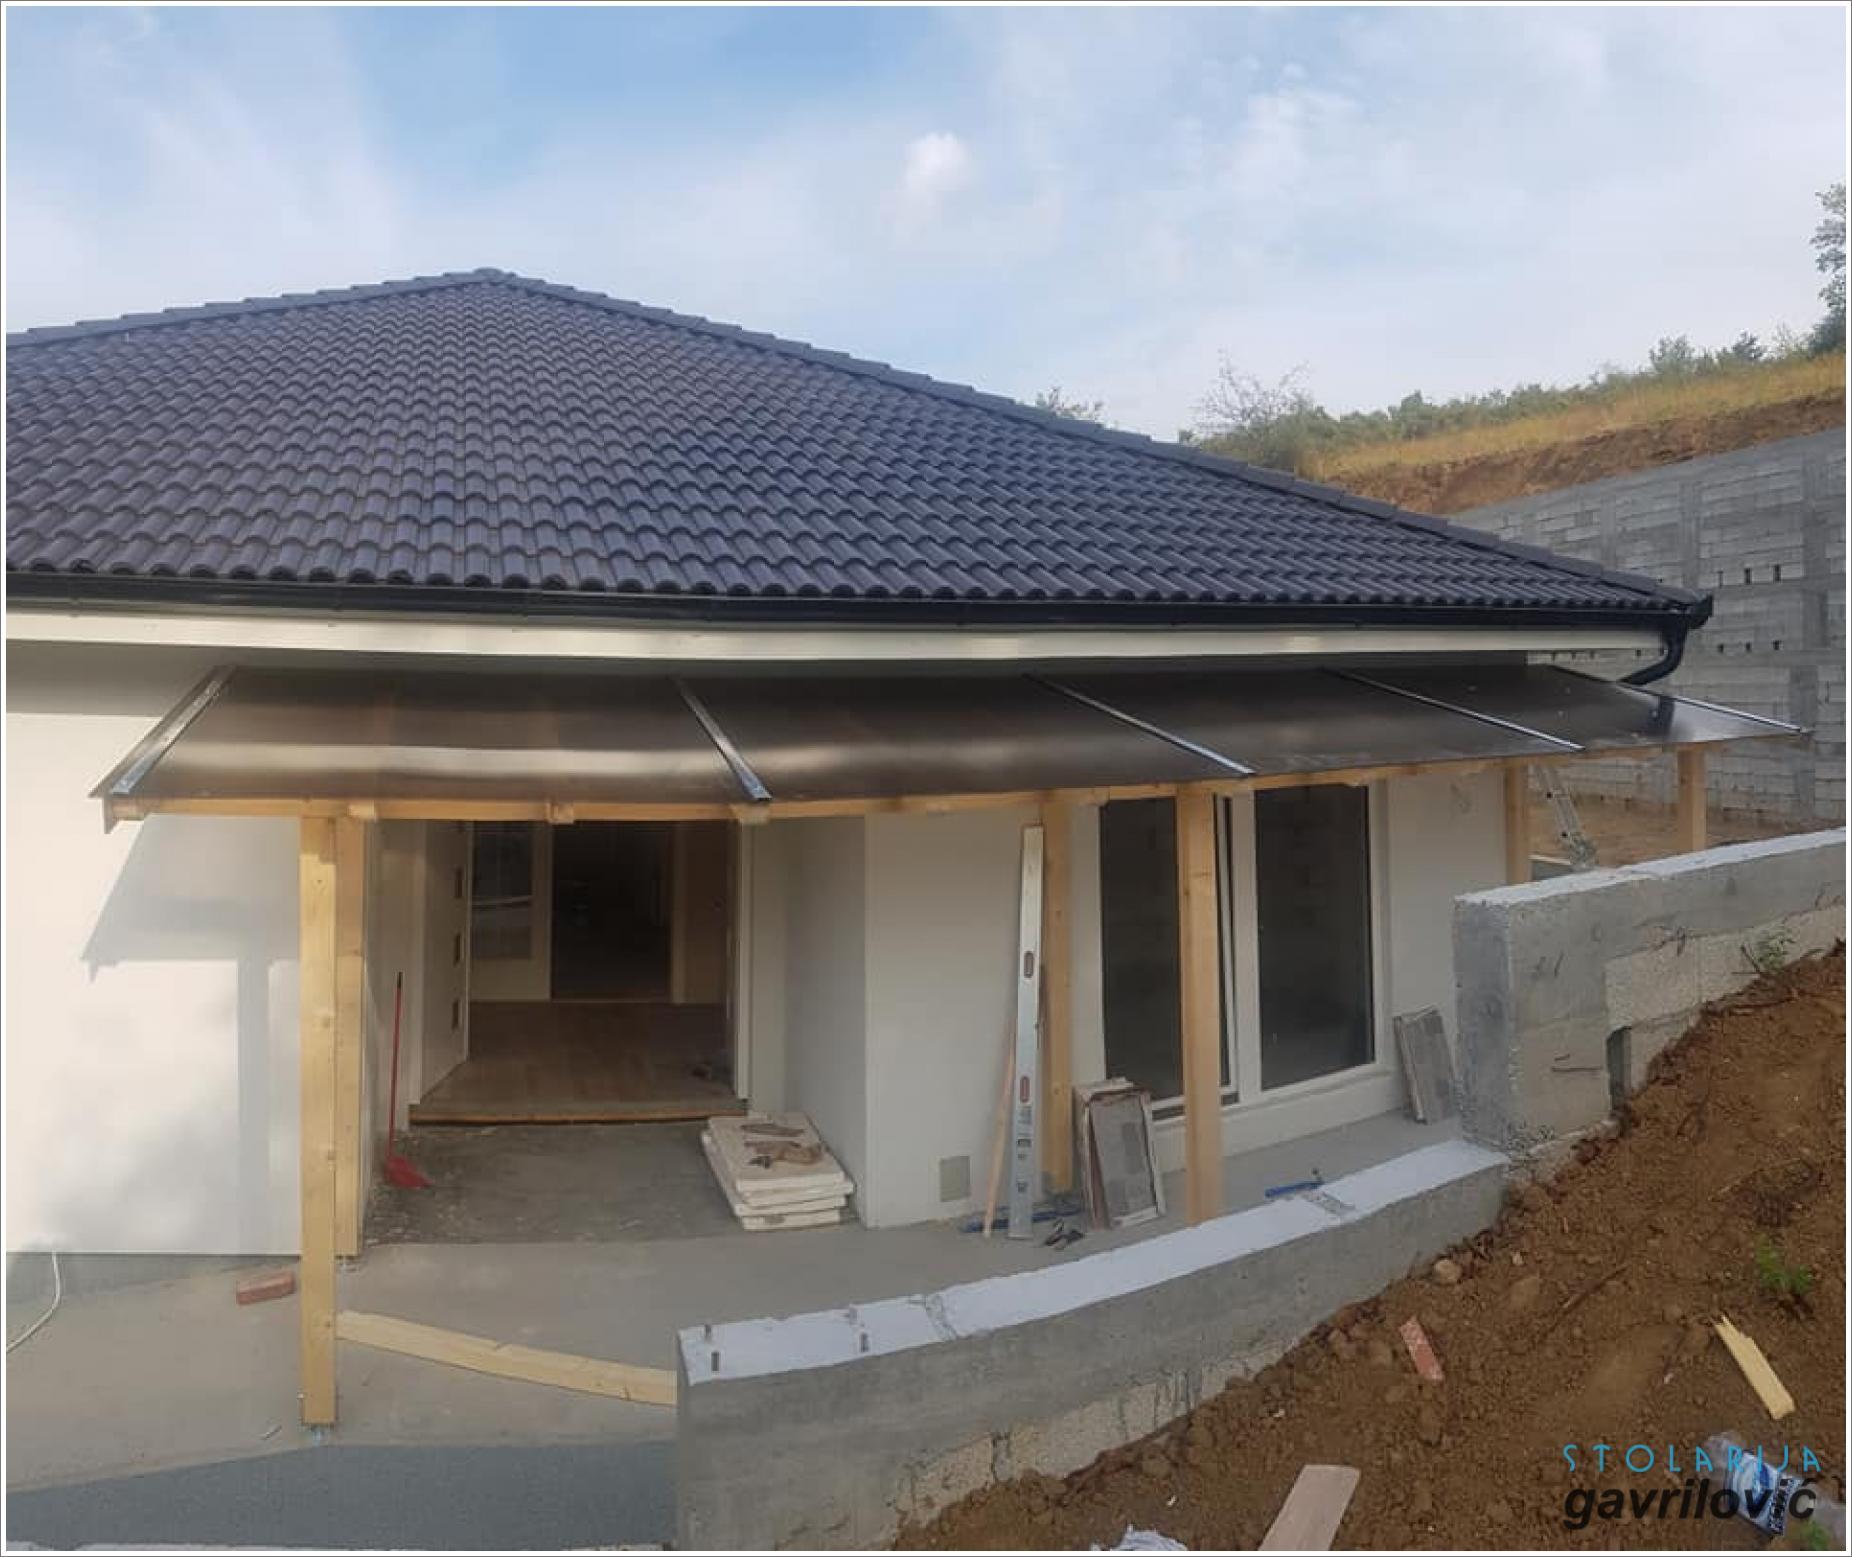 Drvena nadstrešnica (Trem) - Stolarija Gavrilović